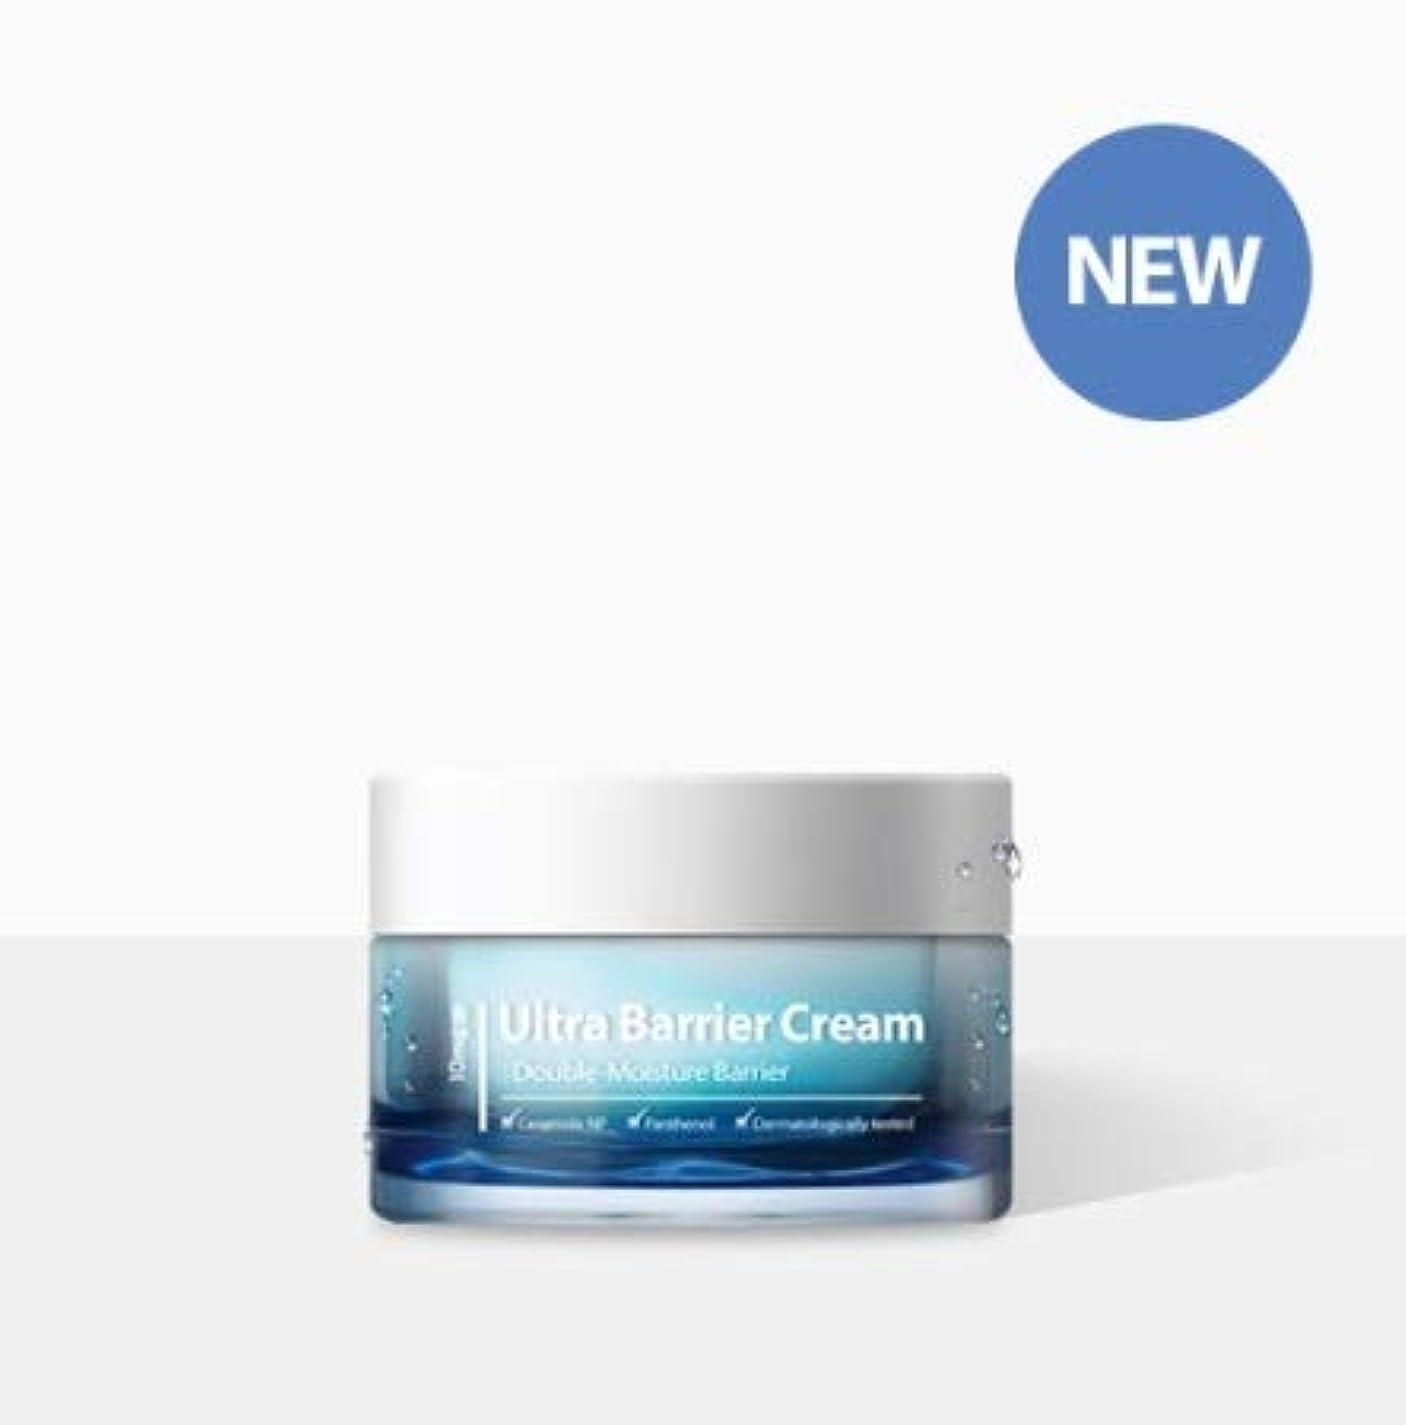 できる申請者完全にAIDA 10mgRx ウルトラバリアクリーム 50ml (二重防湿バリア) / Ultra Barrier Cream 50ml